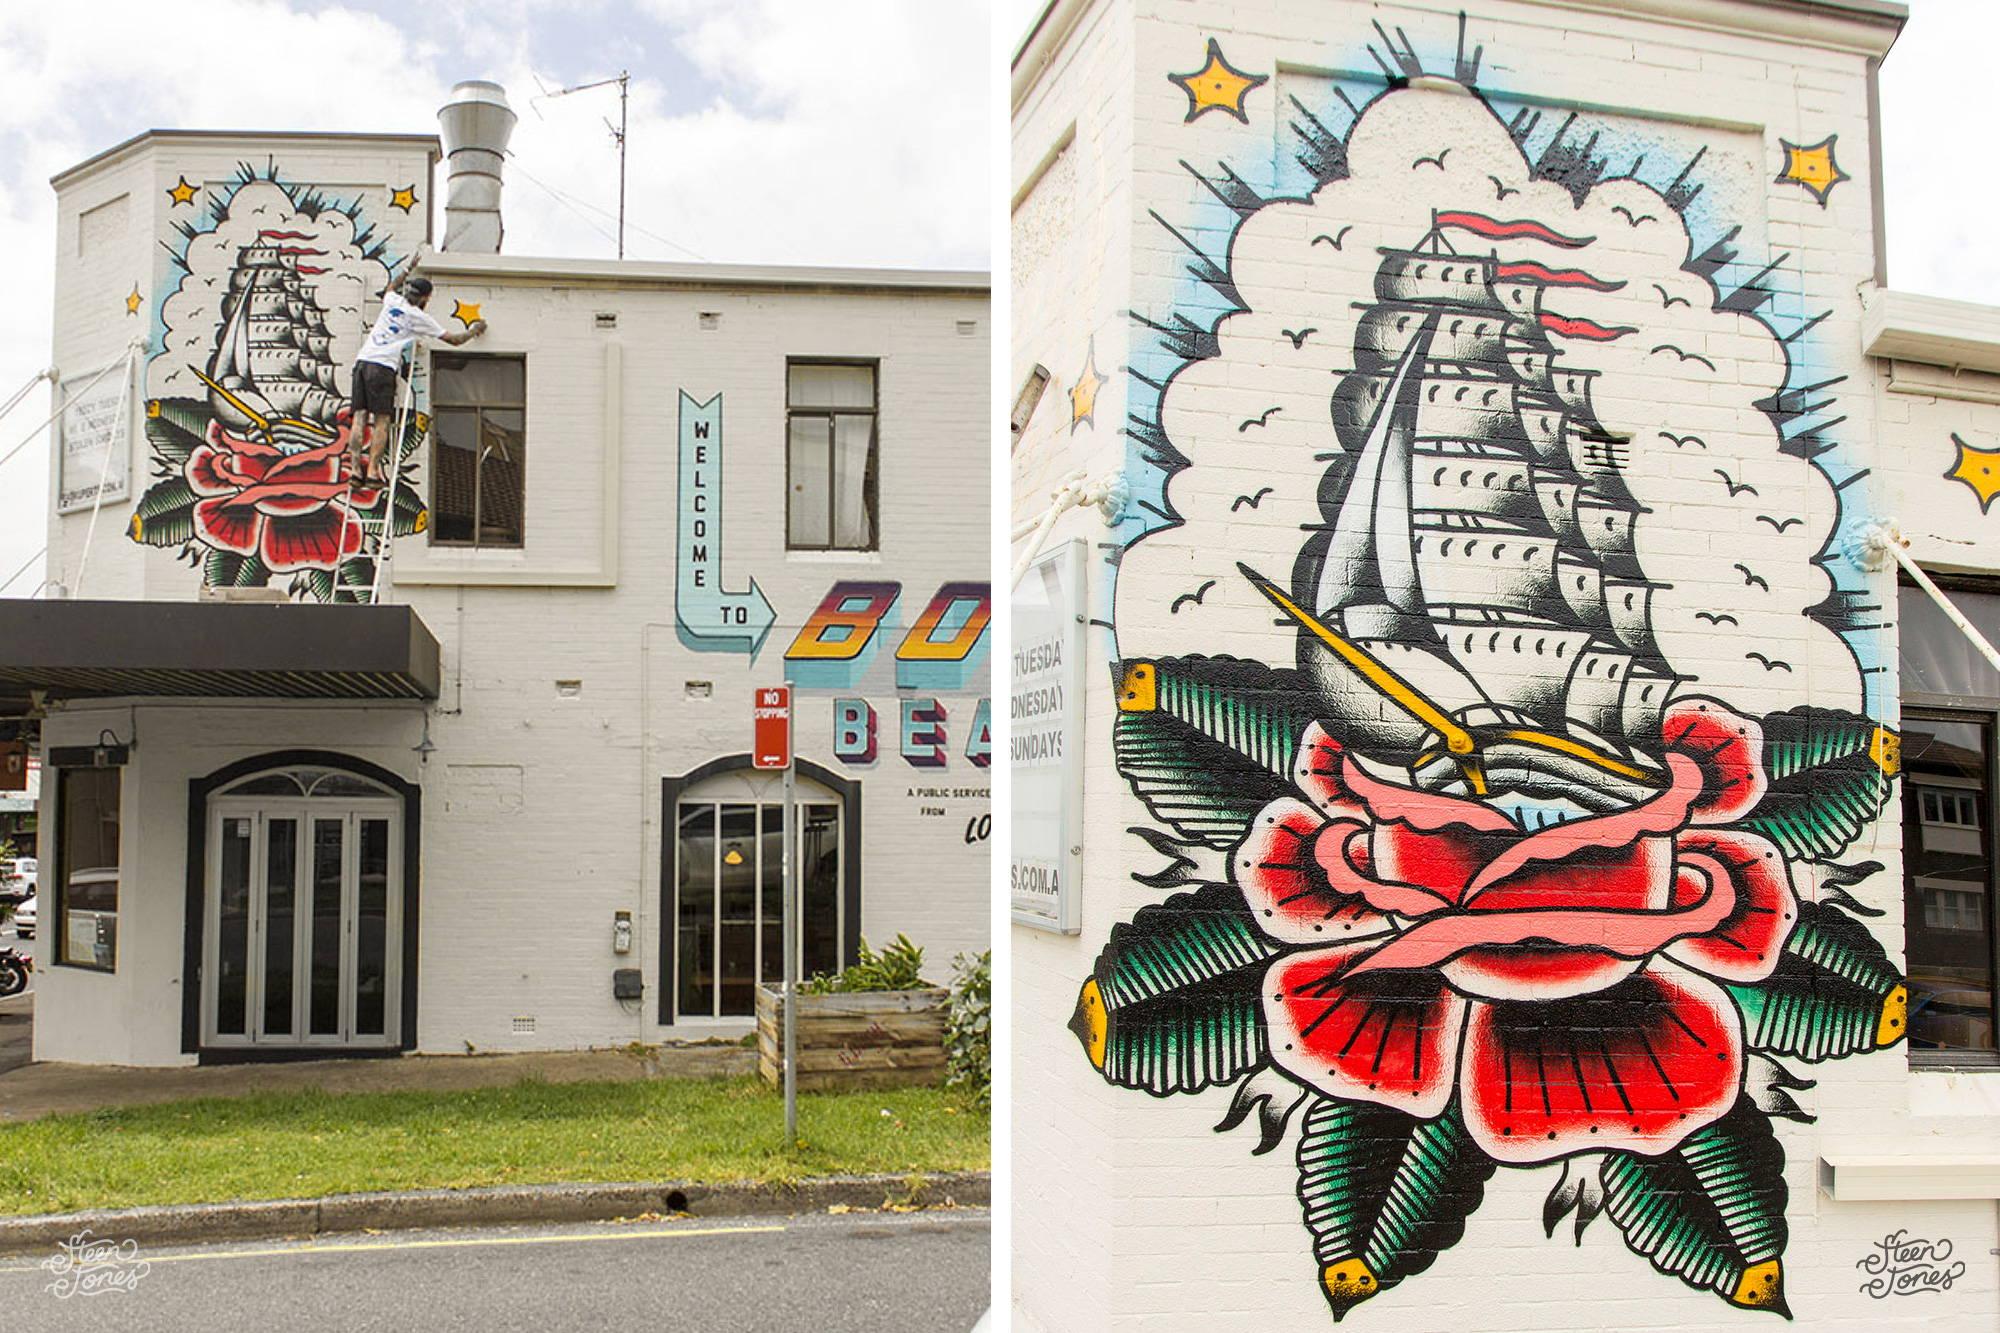 Steen Jones tattoo street artist Australia Fat Ruperts Bondi